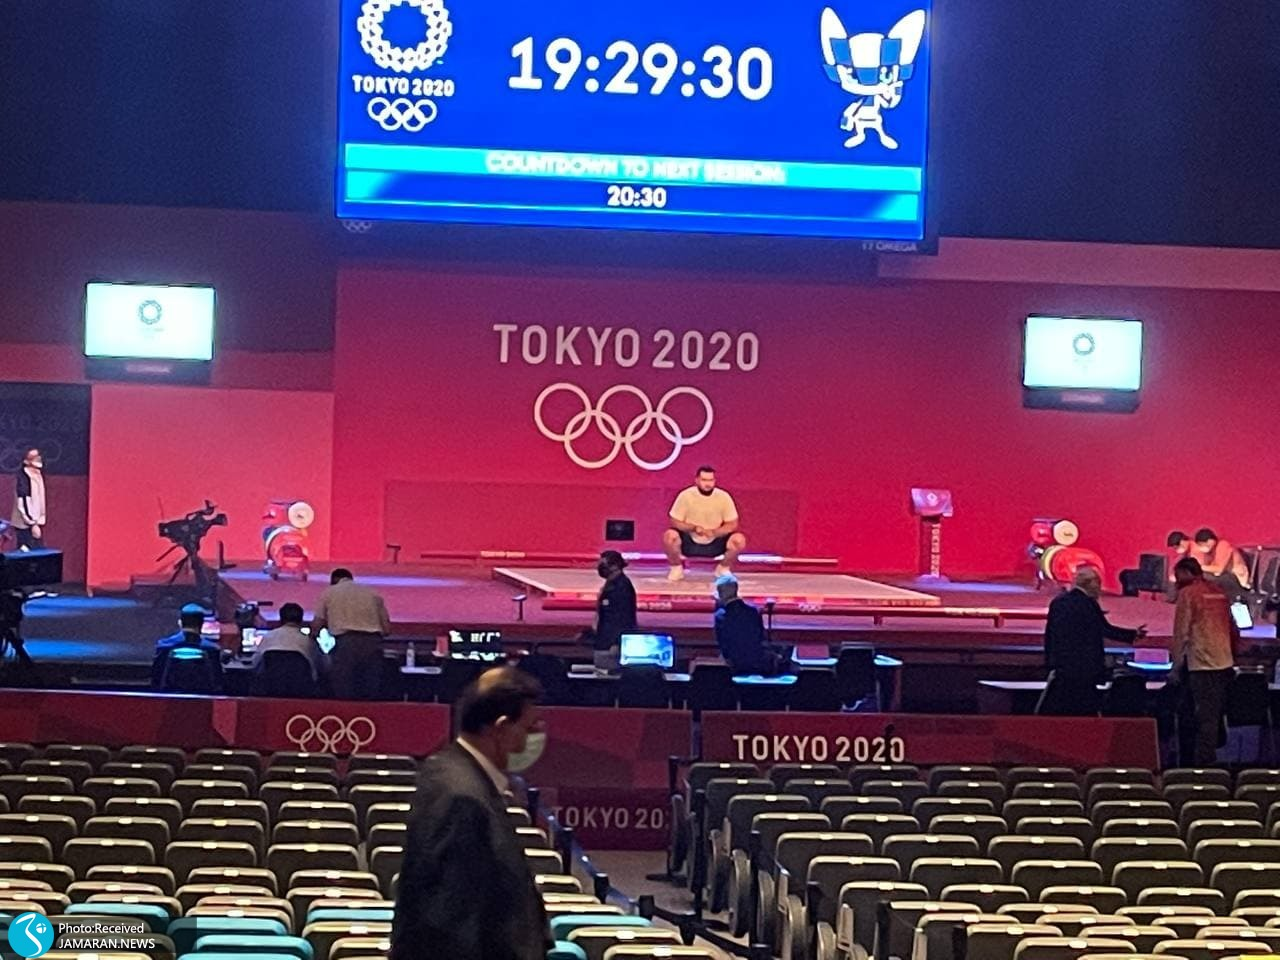 علی داودی وزنه برداری المپیک 2020 توکیو